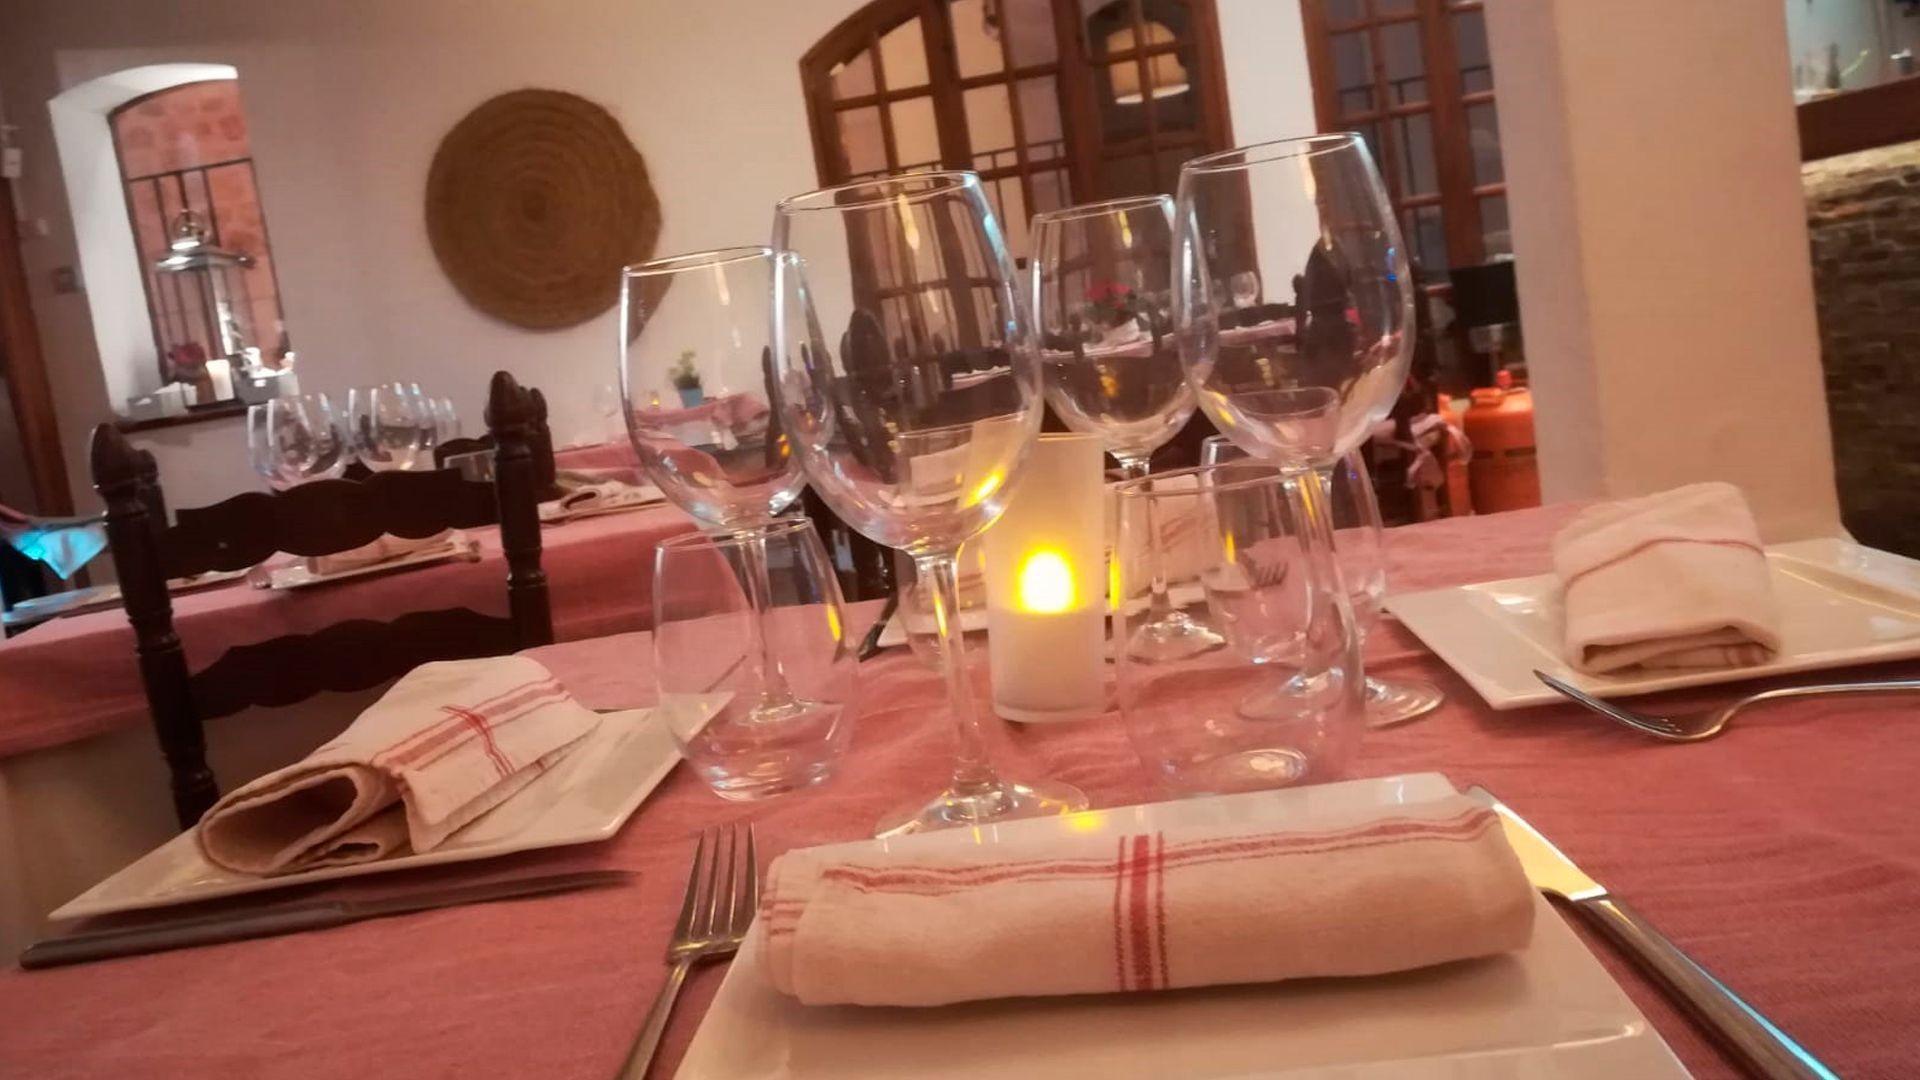 Restaurante de comida tradicional mallorquina en Sóller